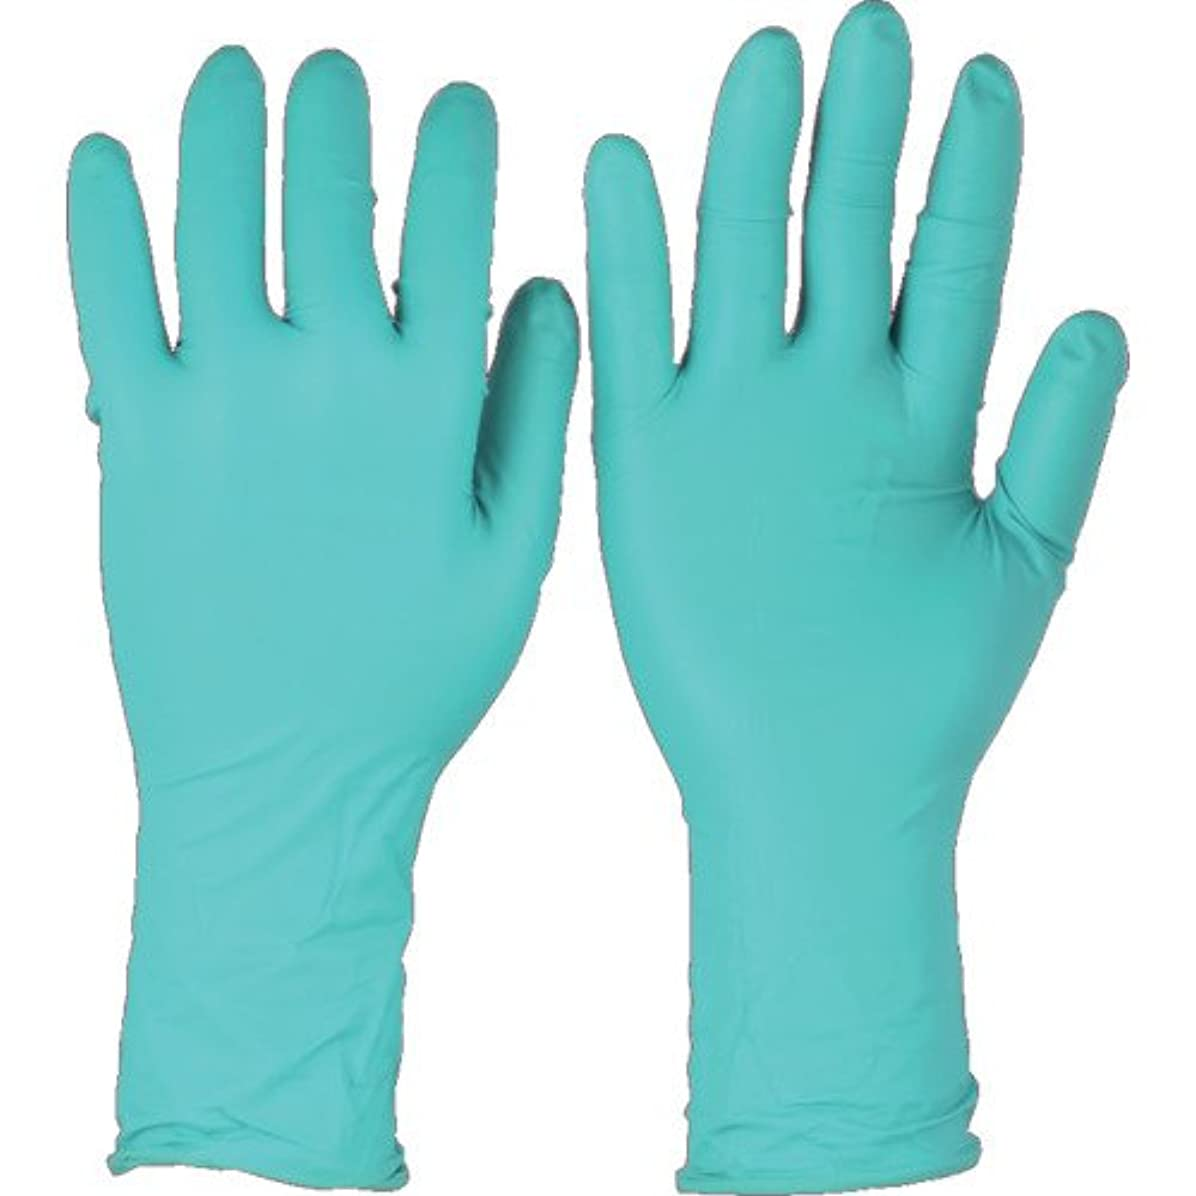 リズム電話に出るぼろトラスコ中山 アンセル ネオプレンゴム使い捨て手袋 マイクロフレックス 93-260 Sサイズ (50枚入)  932607